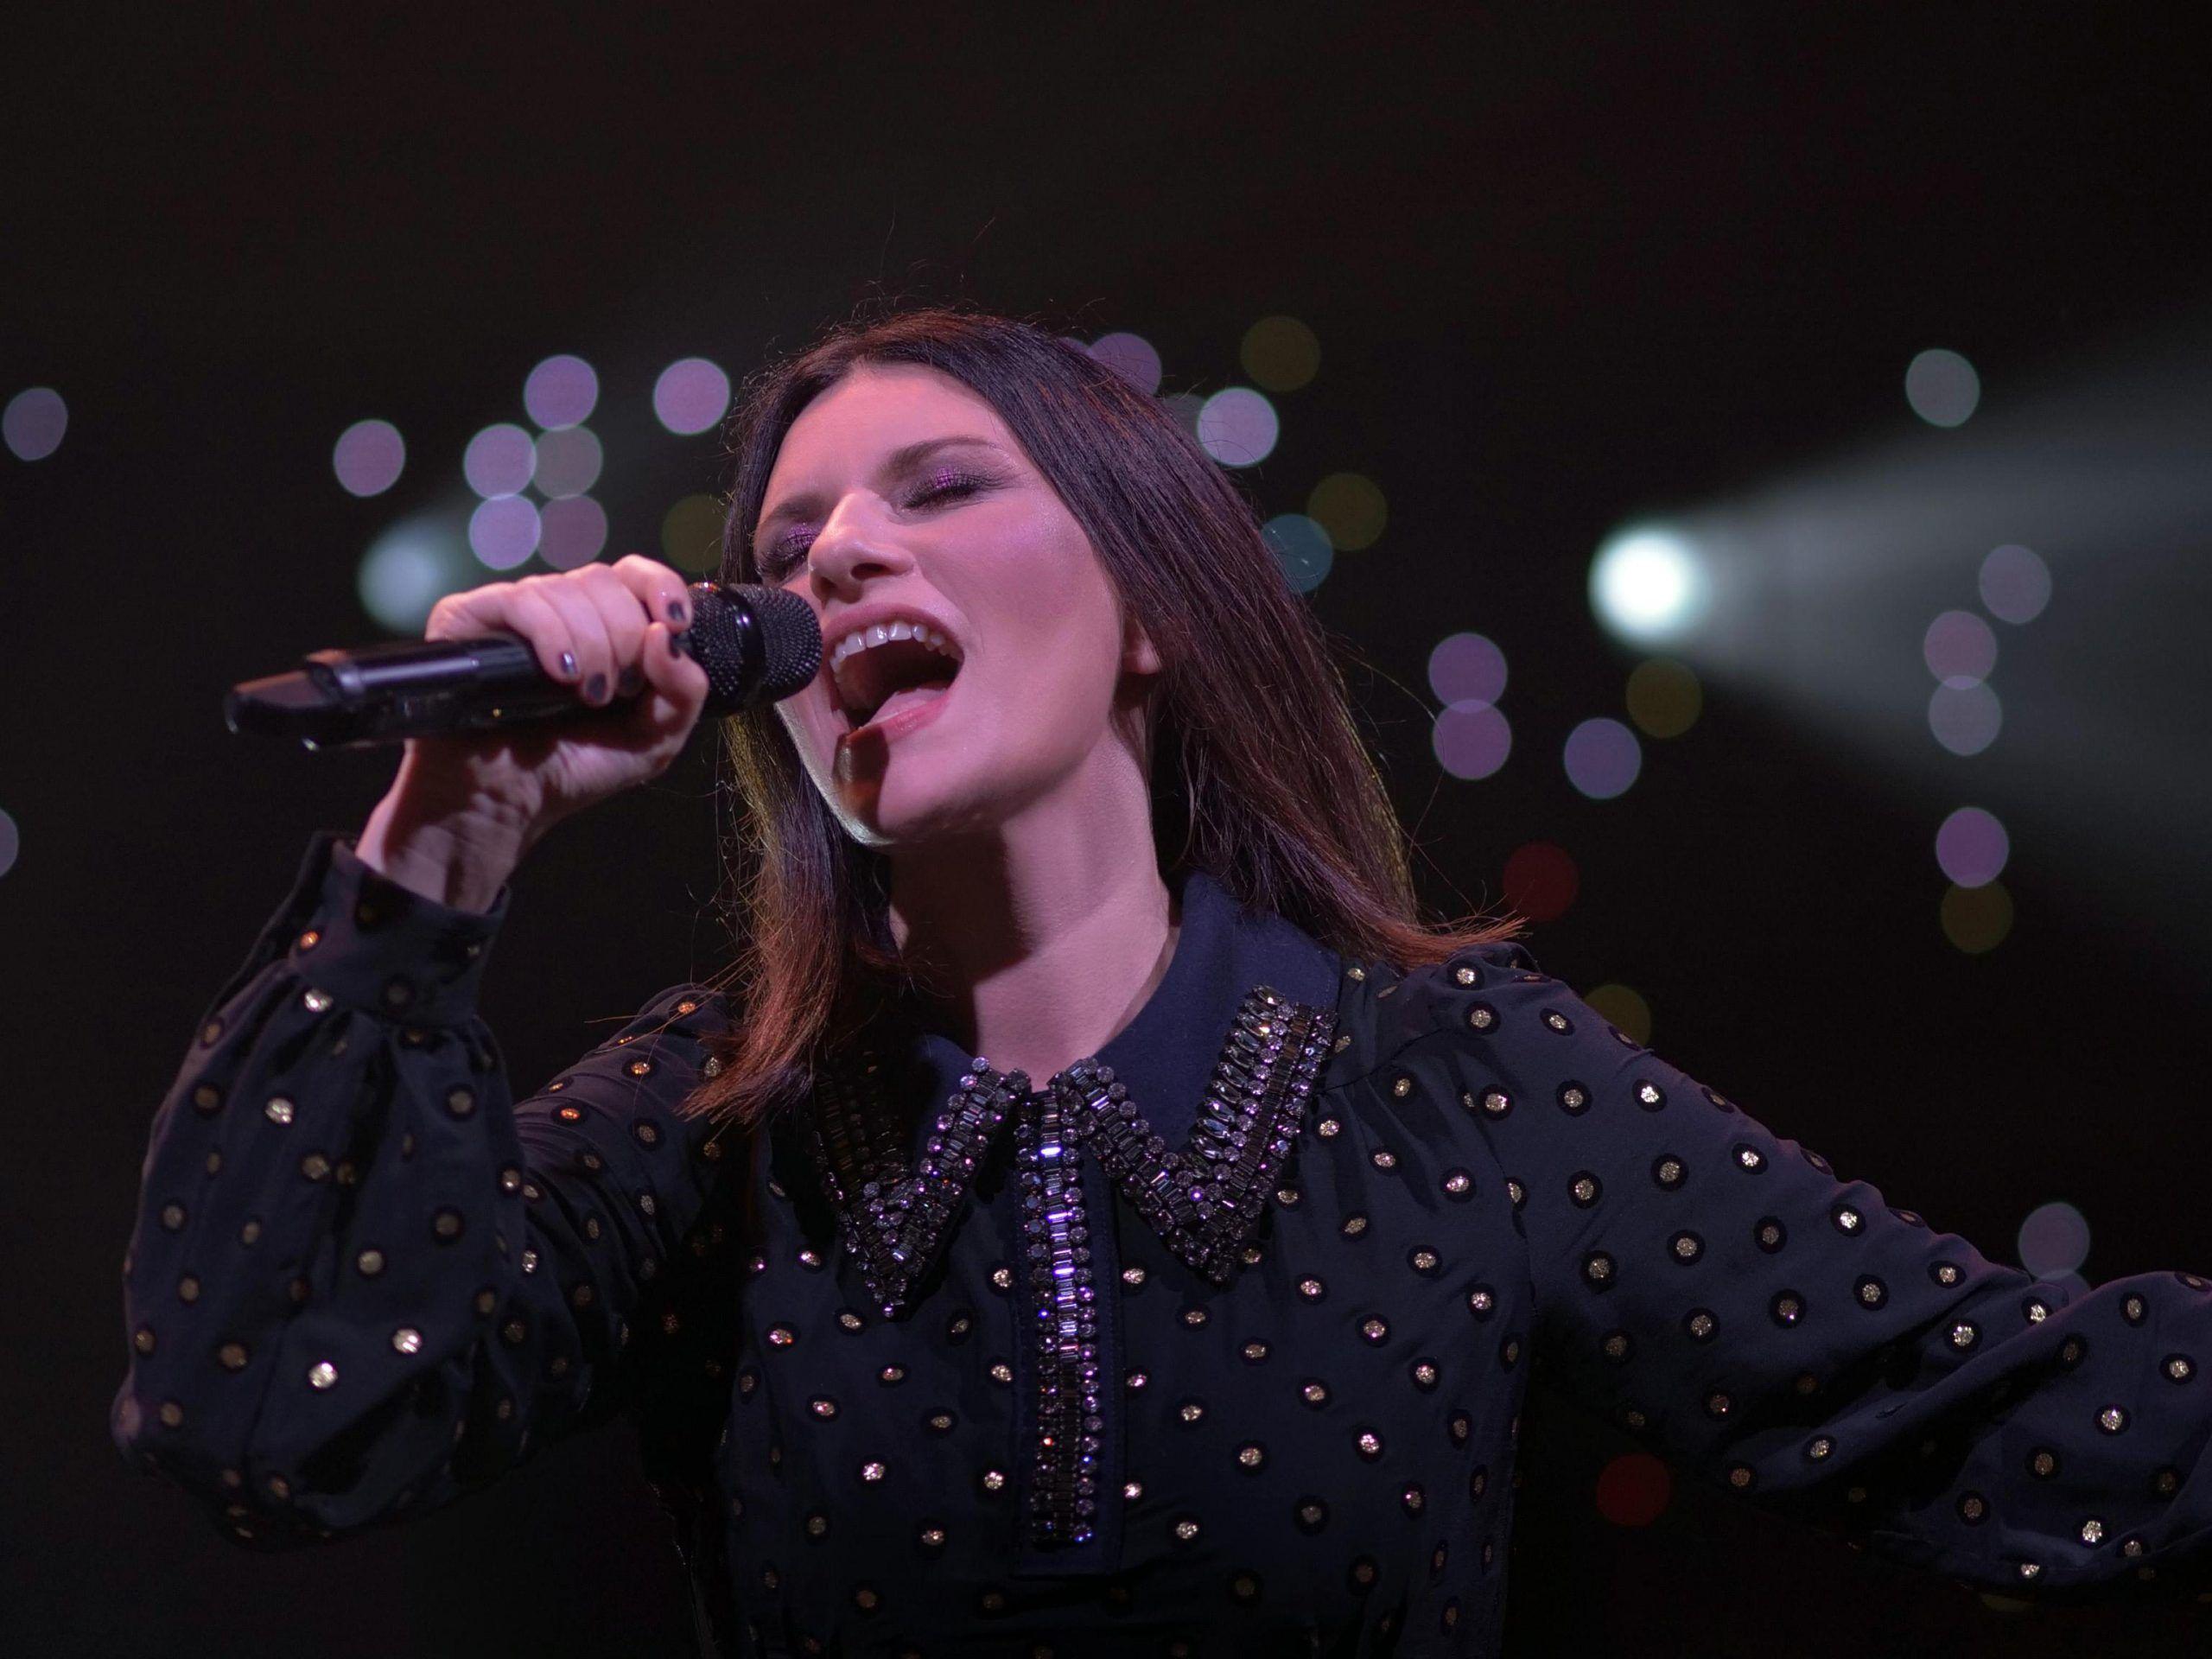 Laura Pausini furiosa: 'Ve ne dovete fare una ragione anche se vi faccio schifo'